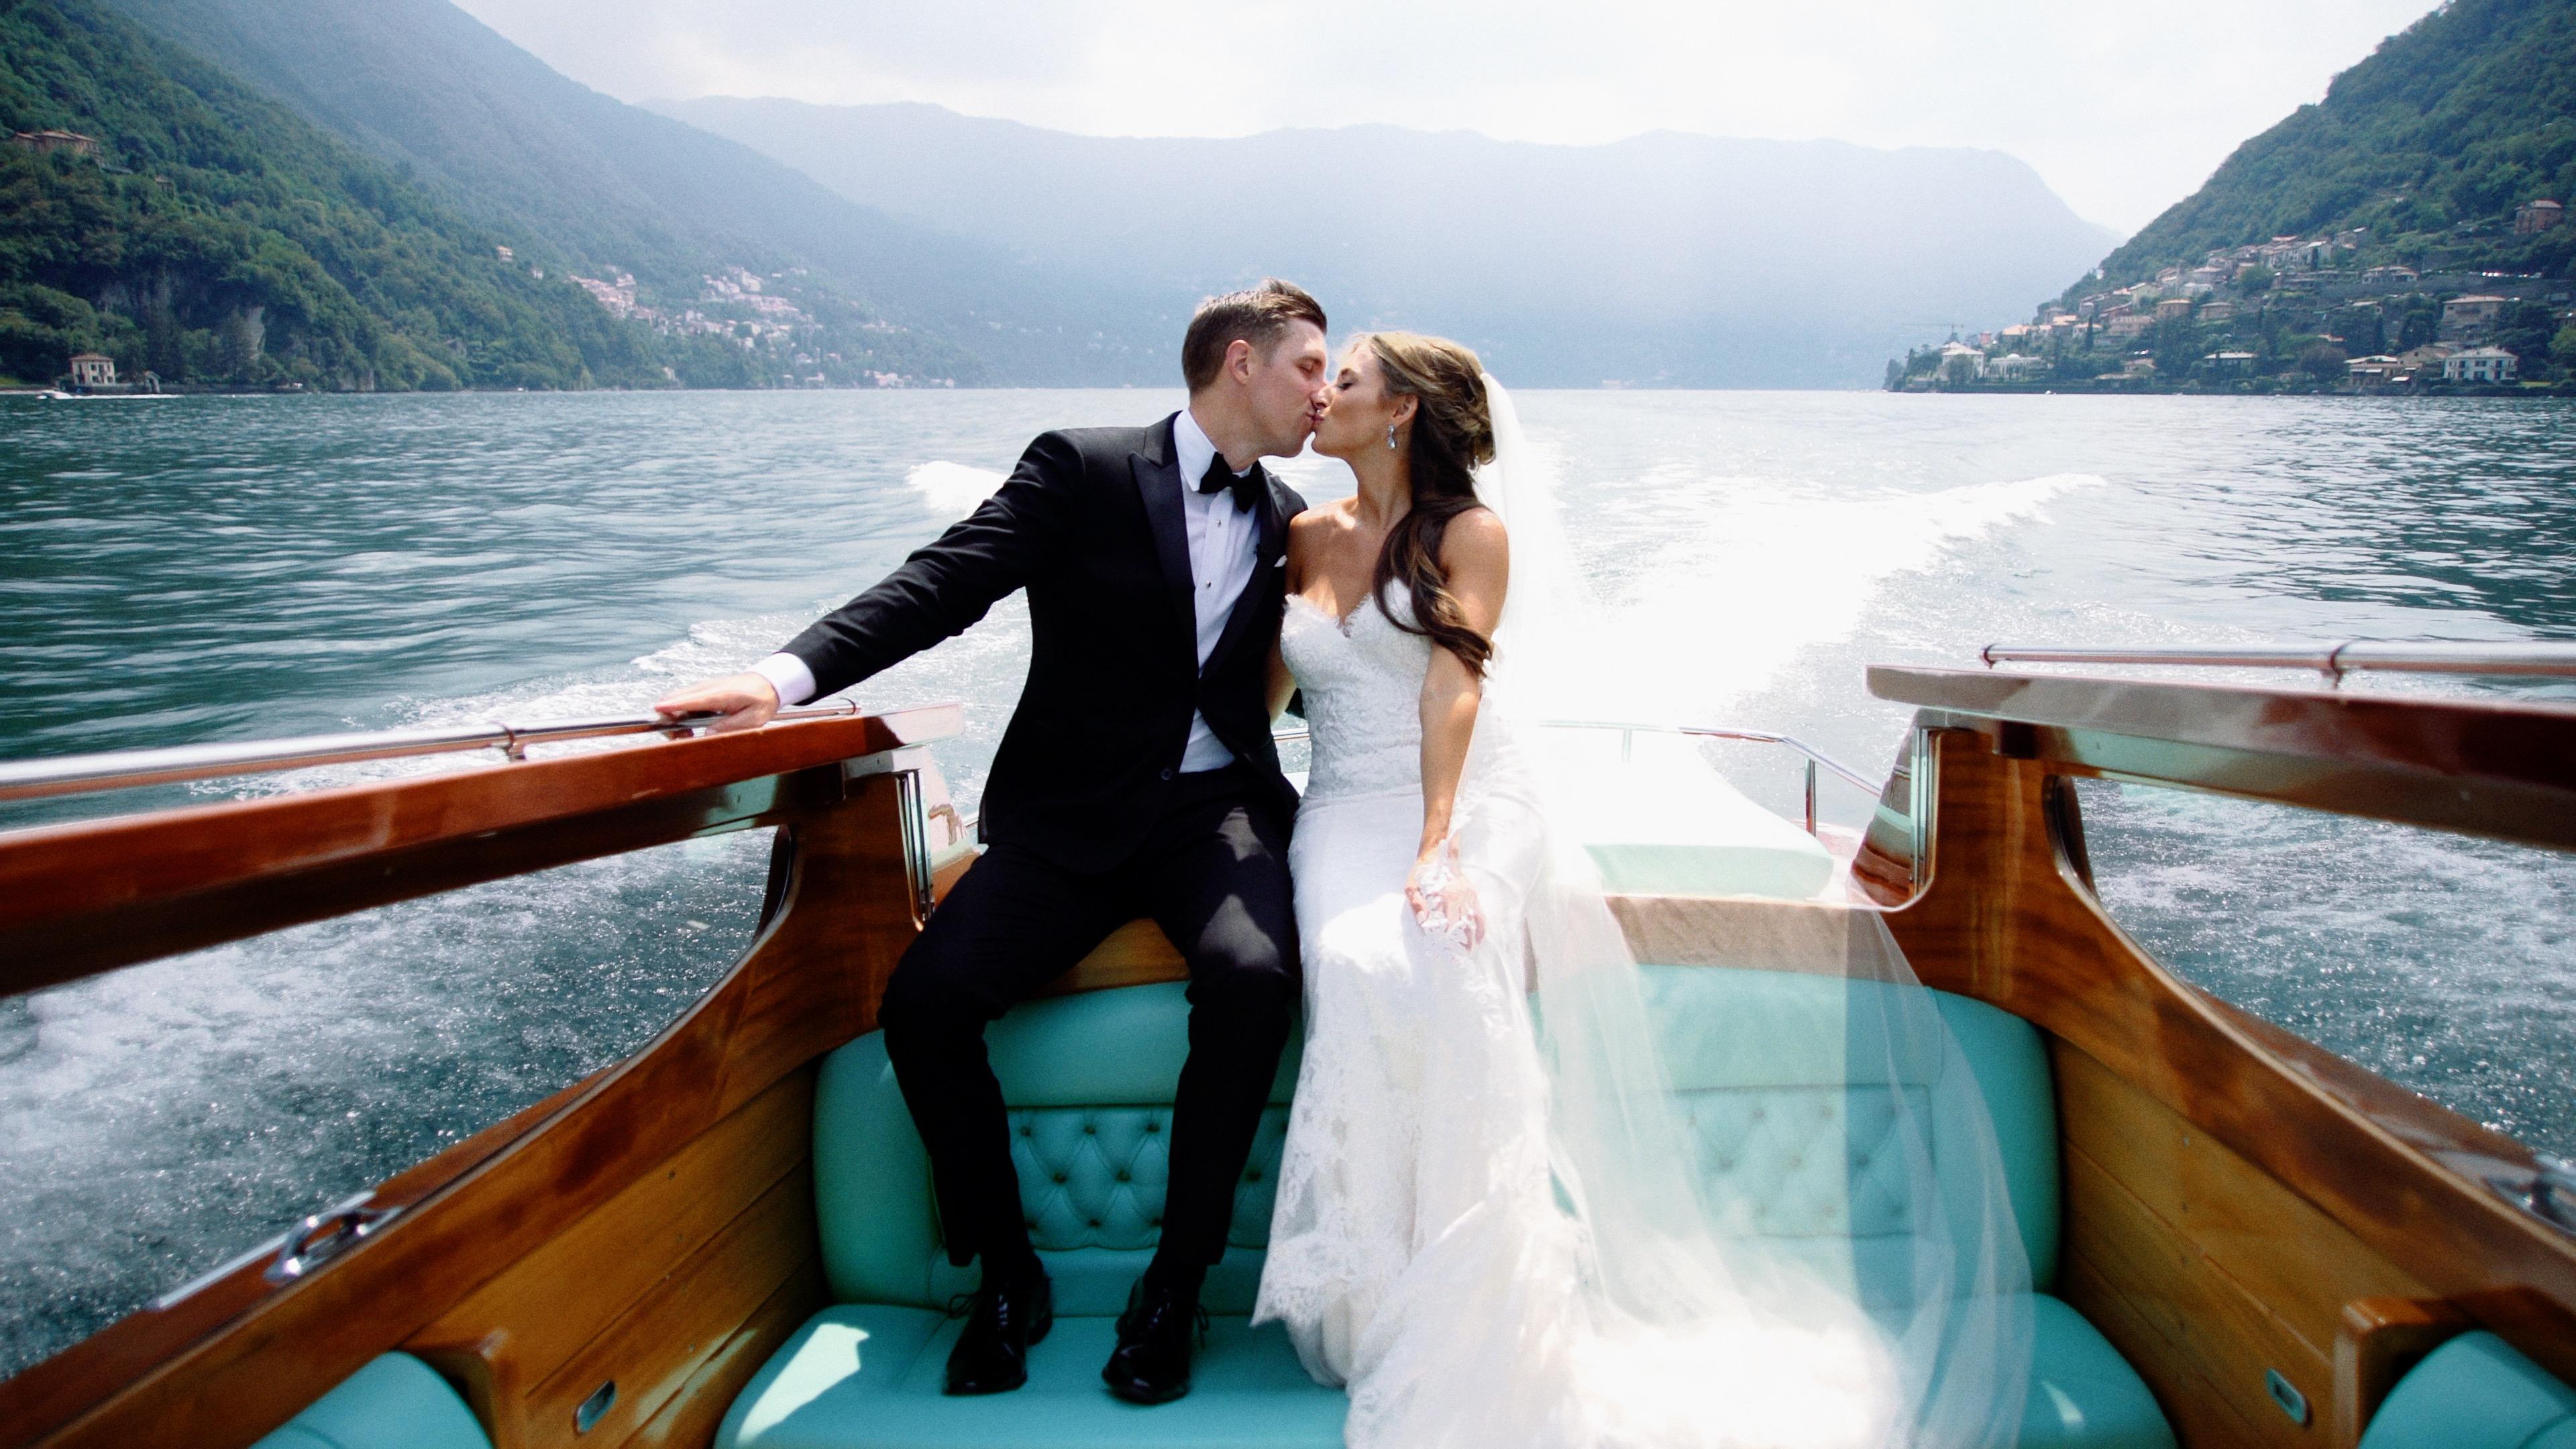 Jennifer + Ryan | Italy, Italy | Relais Villa Vittoria